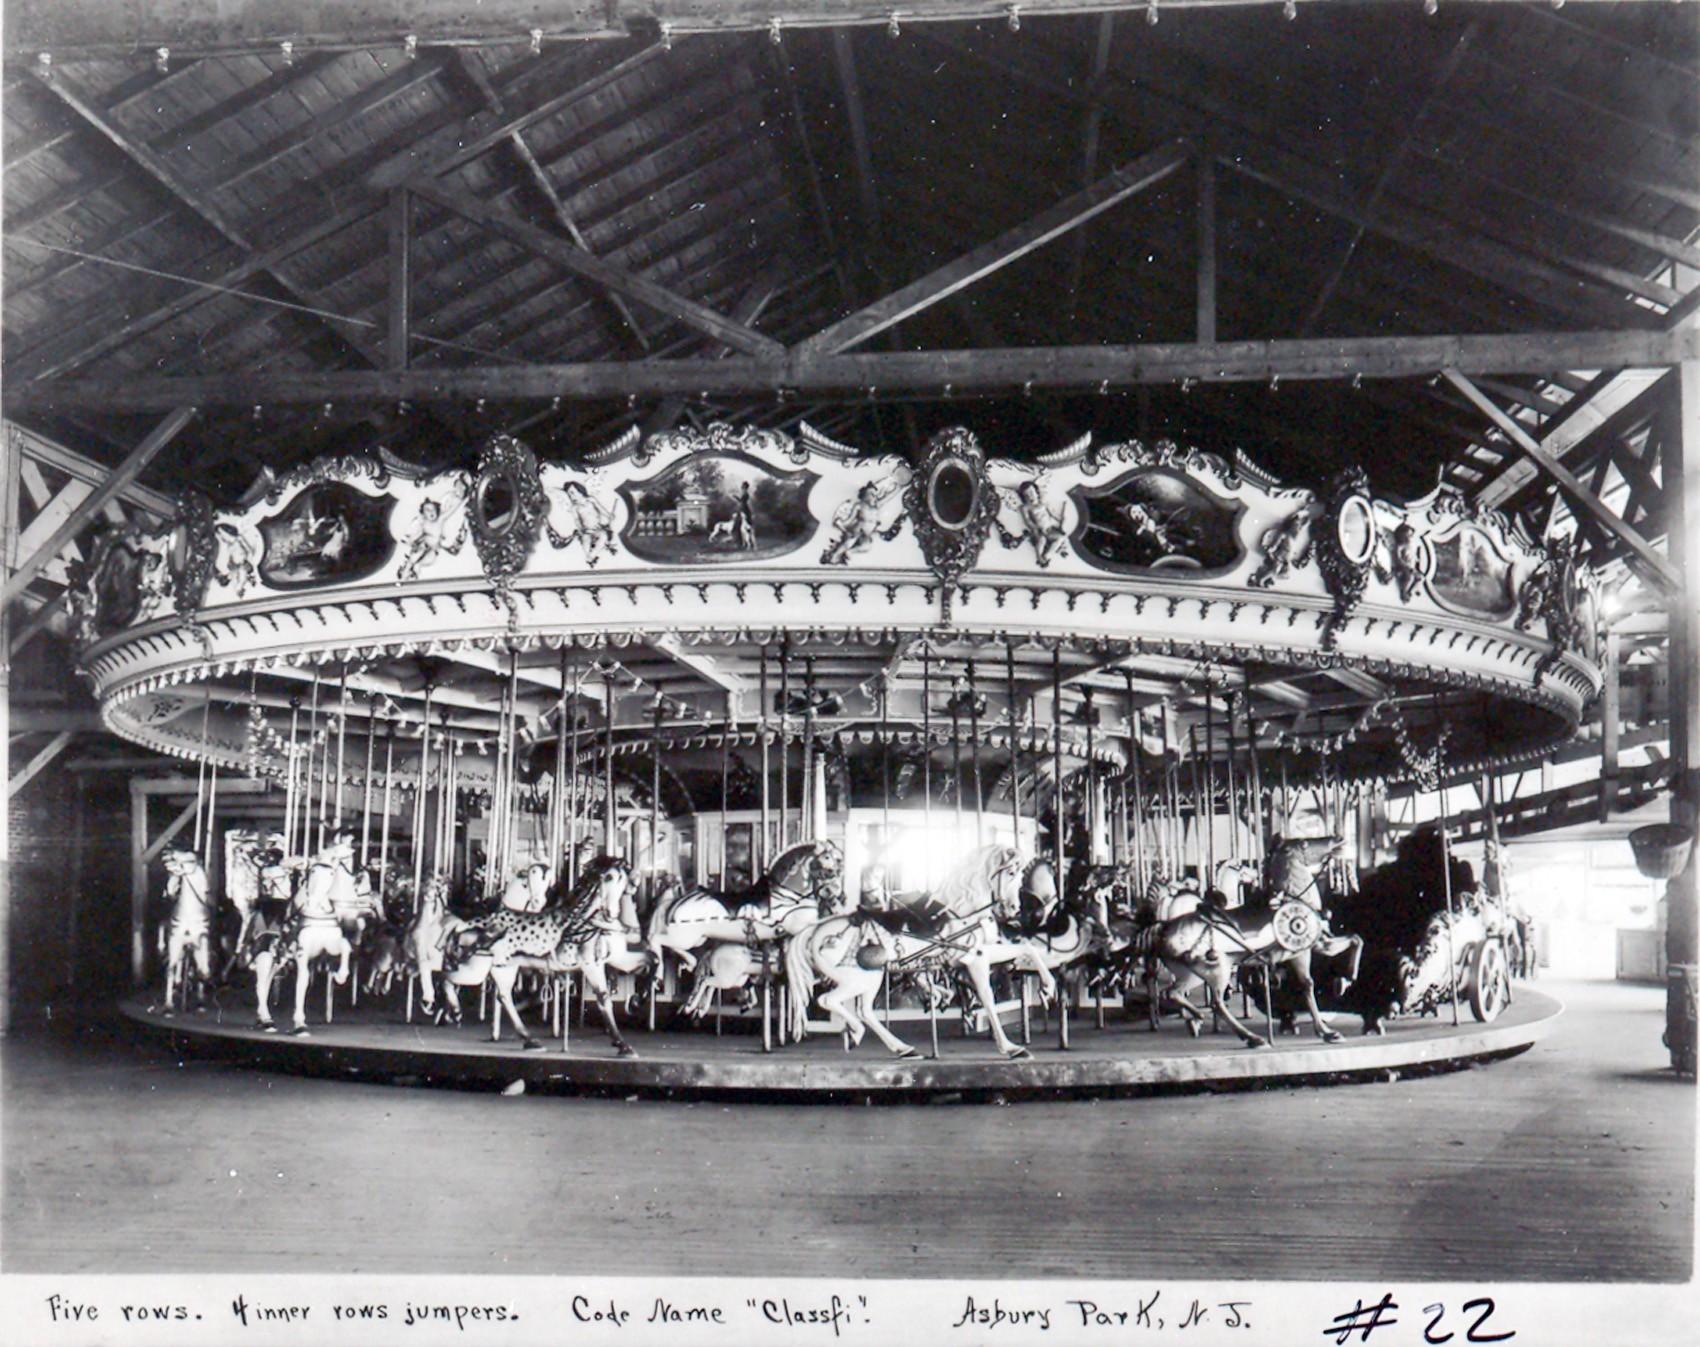 Asbury-Park-NJ-PTC-22-carousel-4-row-Classfi